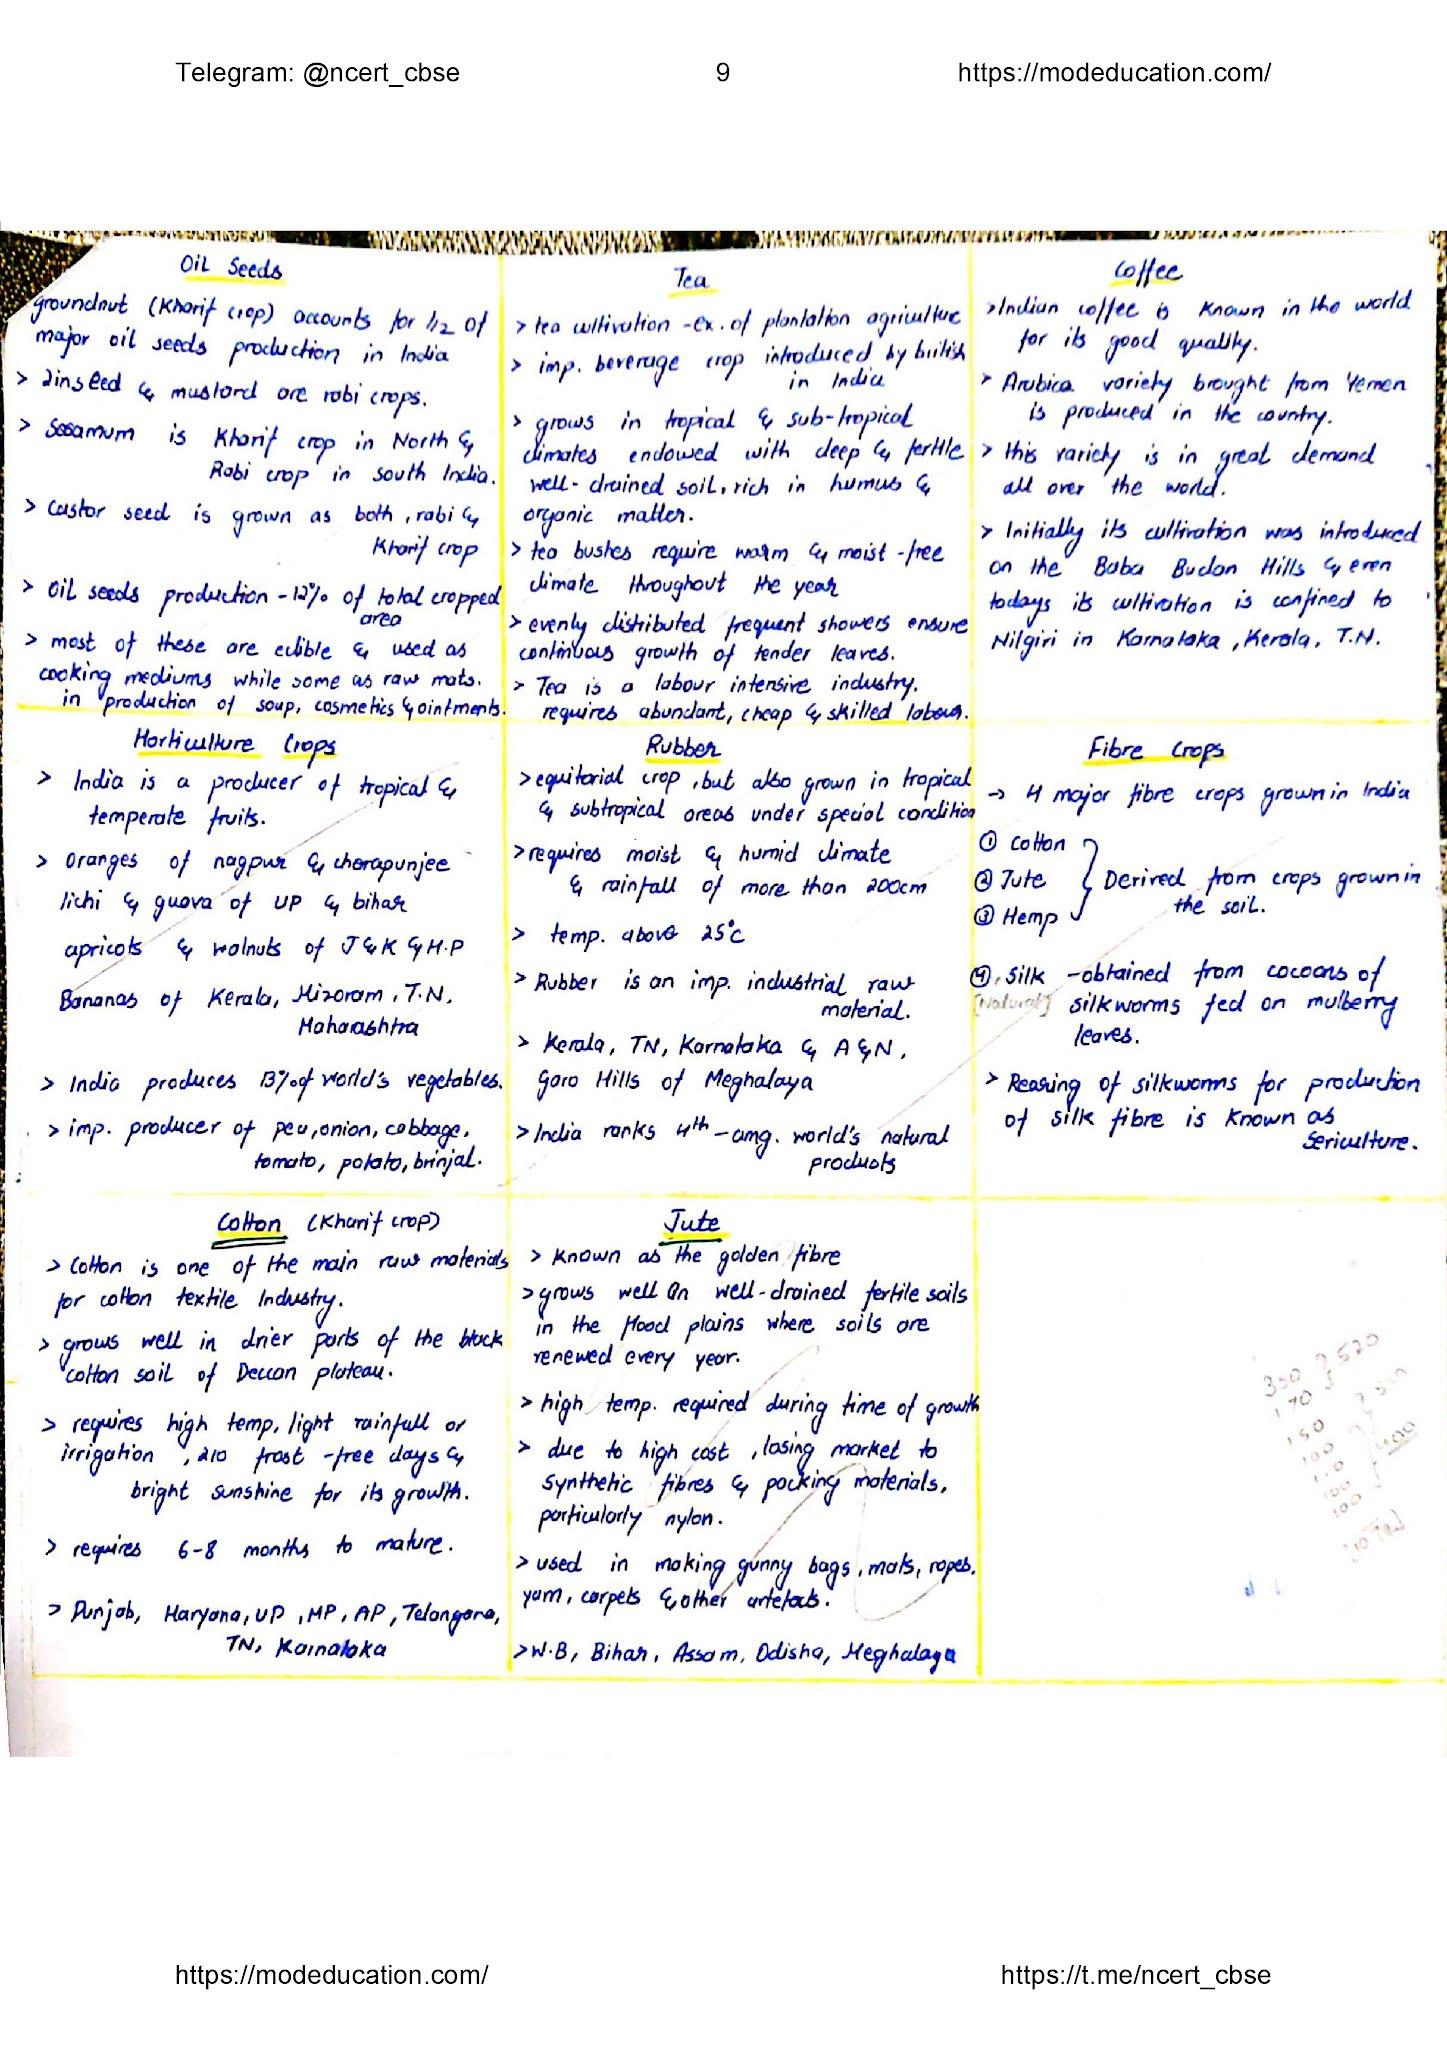 Class 10 Geography Handwritten Notes, class 10 geography chapter 4 handwritten notes